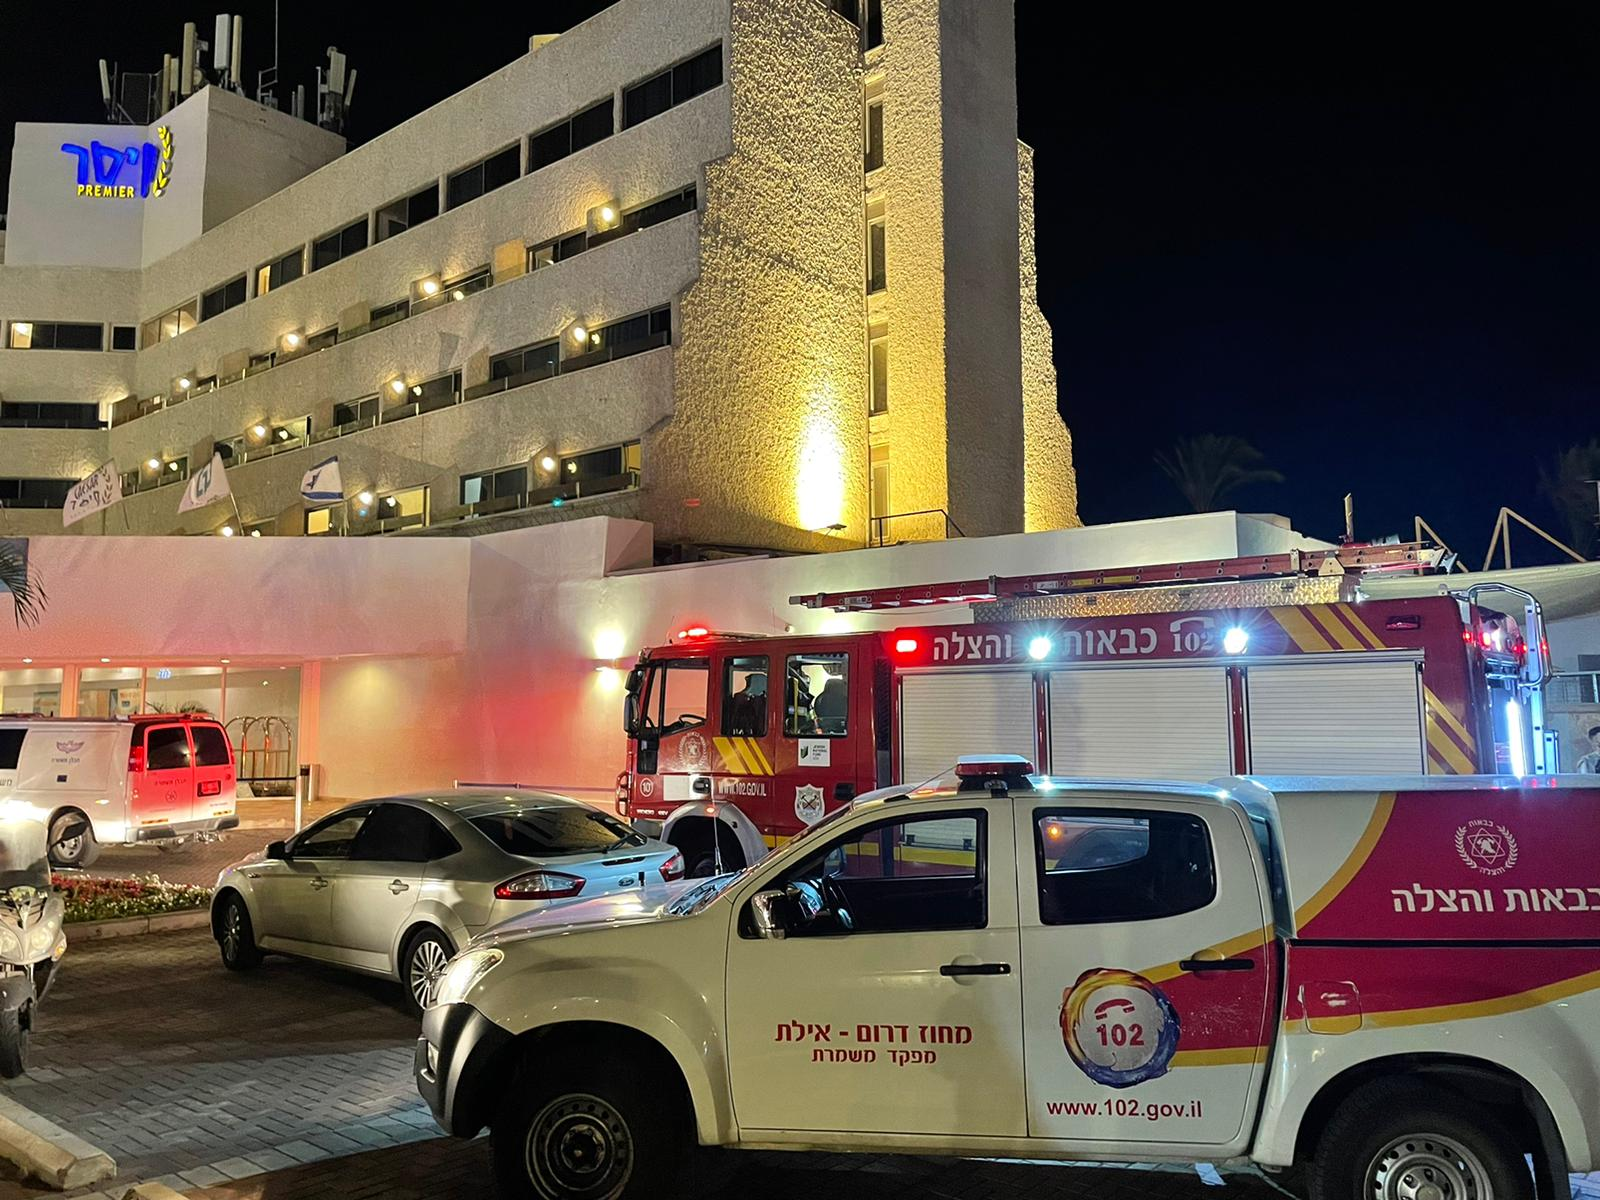 פיצוץ במלון קיסר באילת